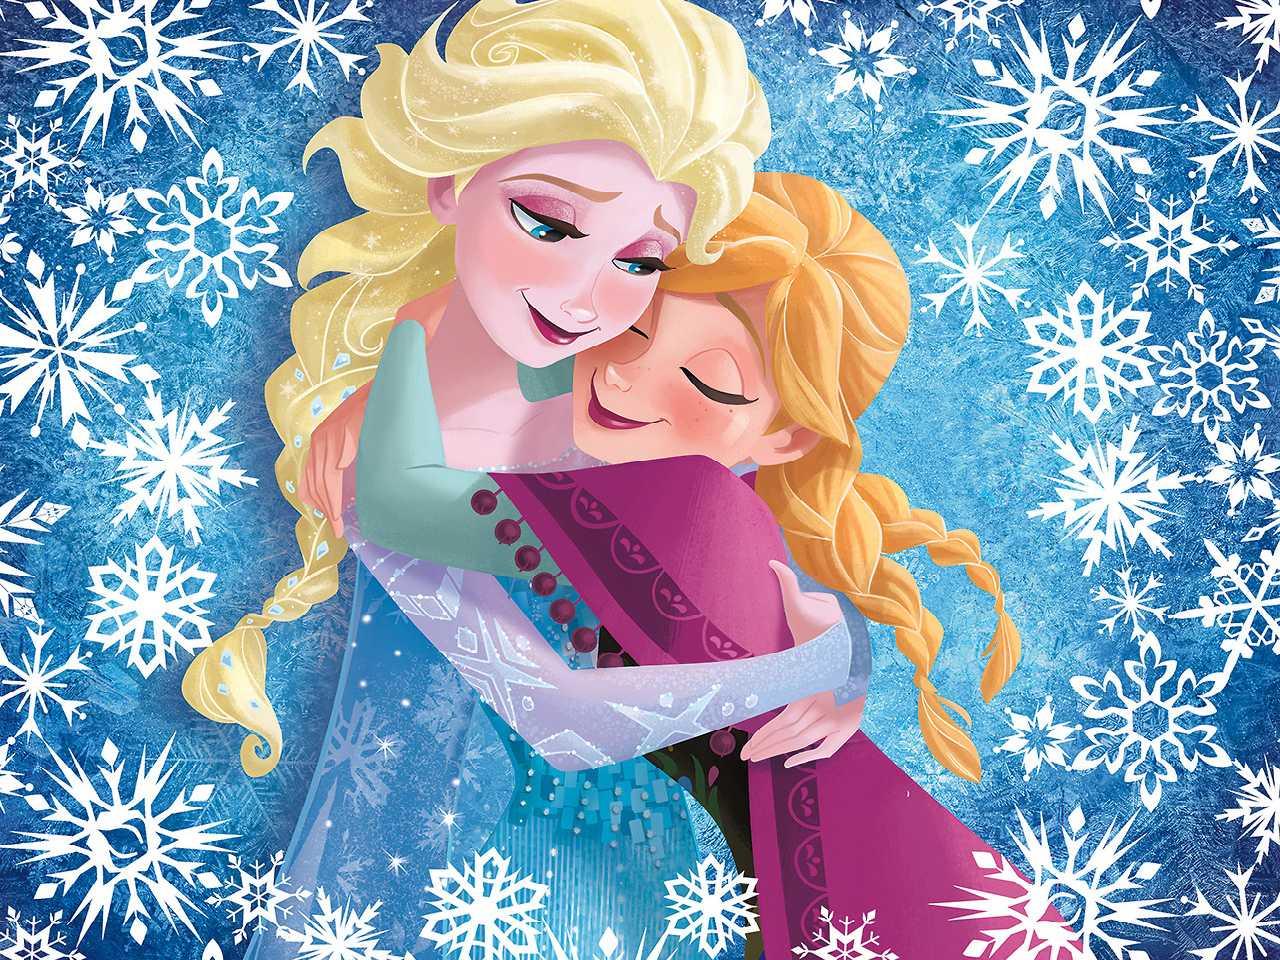 49 Princess Elsa Wallpaper On Wallpapersafari